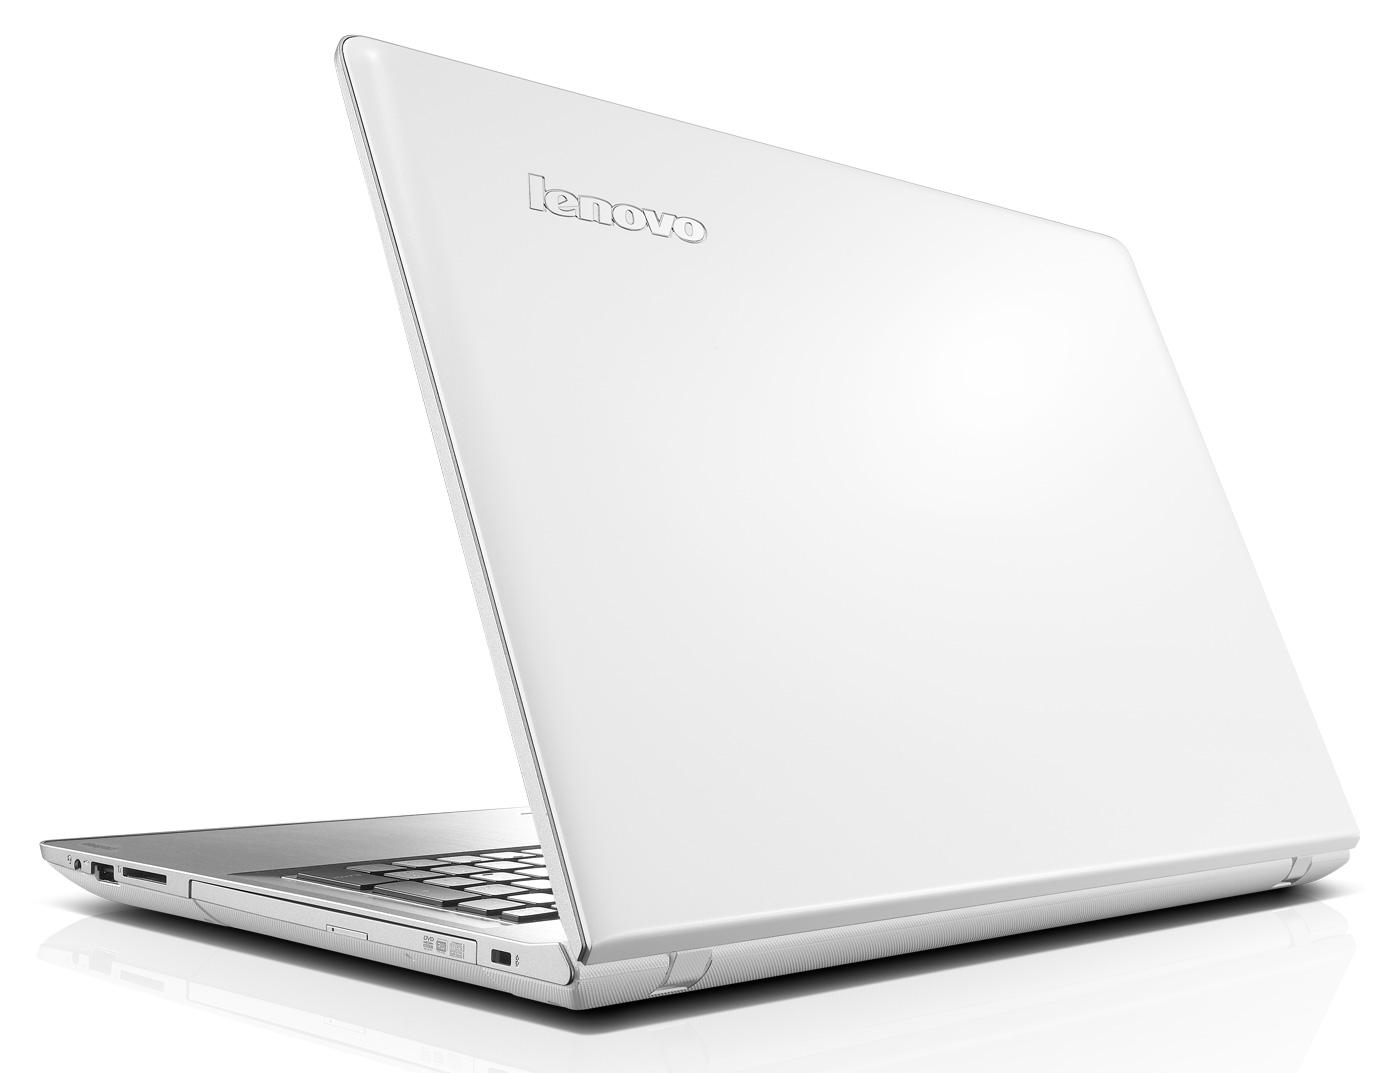 Lenovo IdeaPad 500-15ISK 15